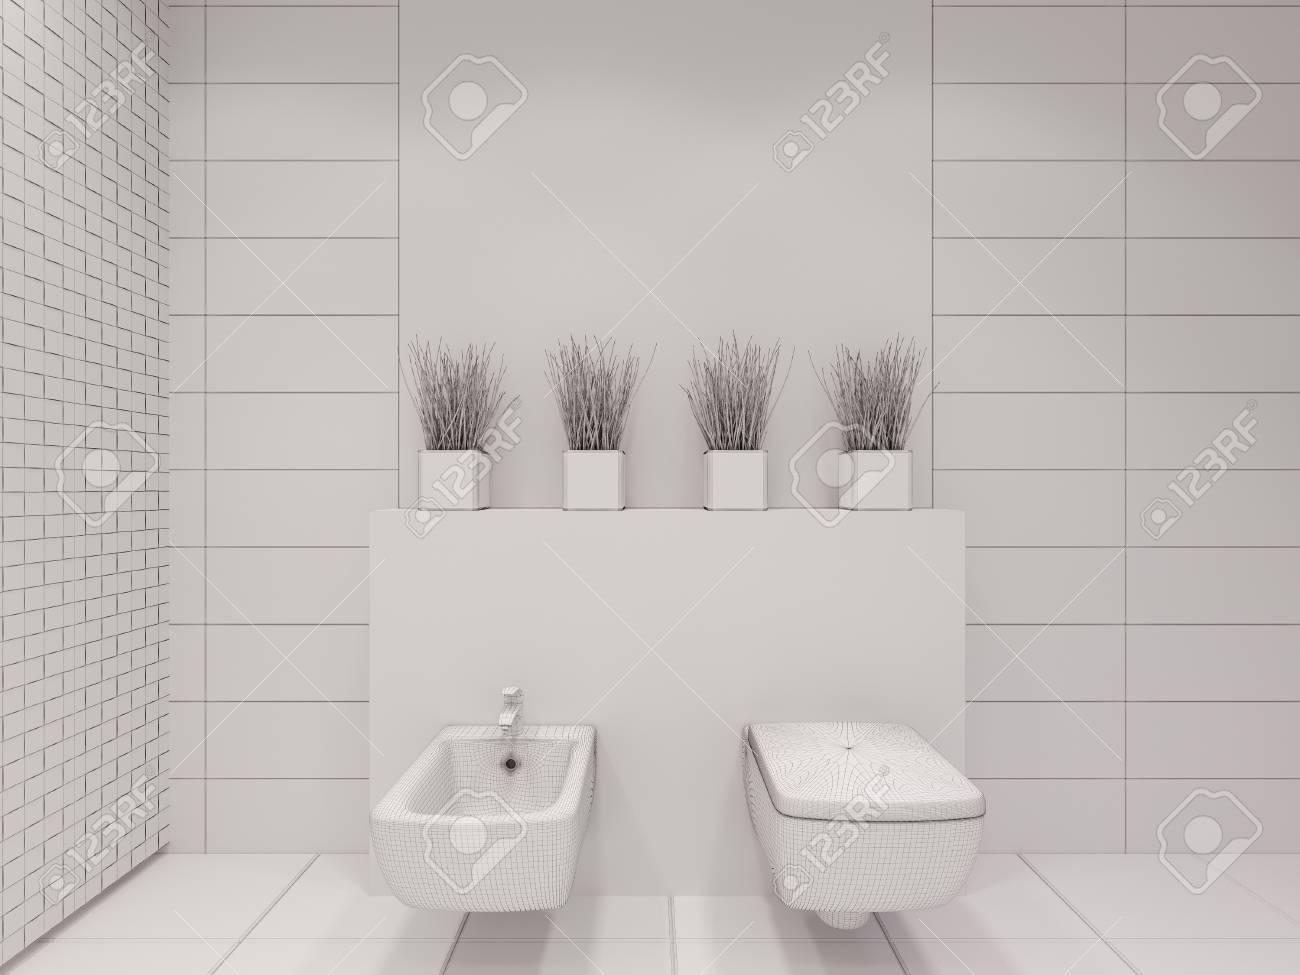 D rendering di bagno senza colore e texture interior design di